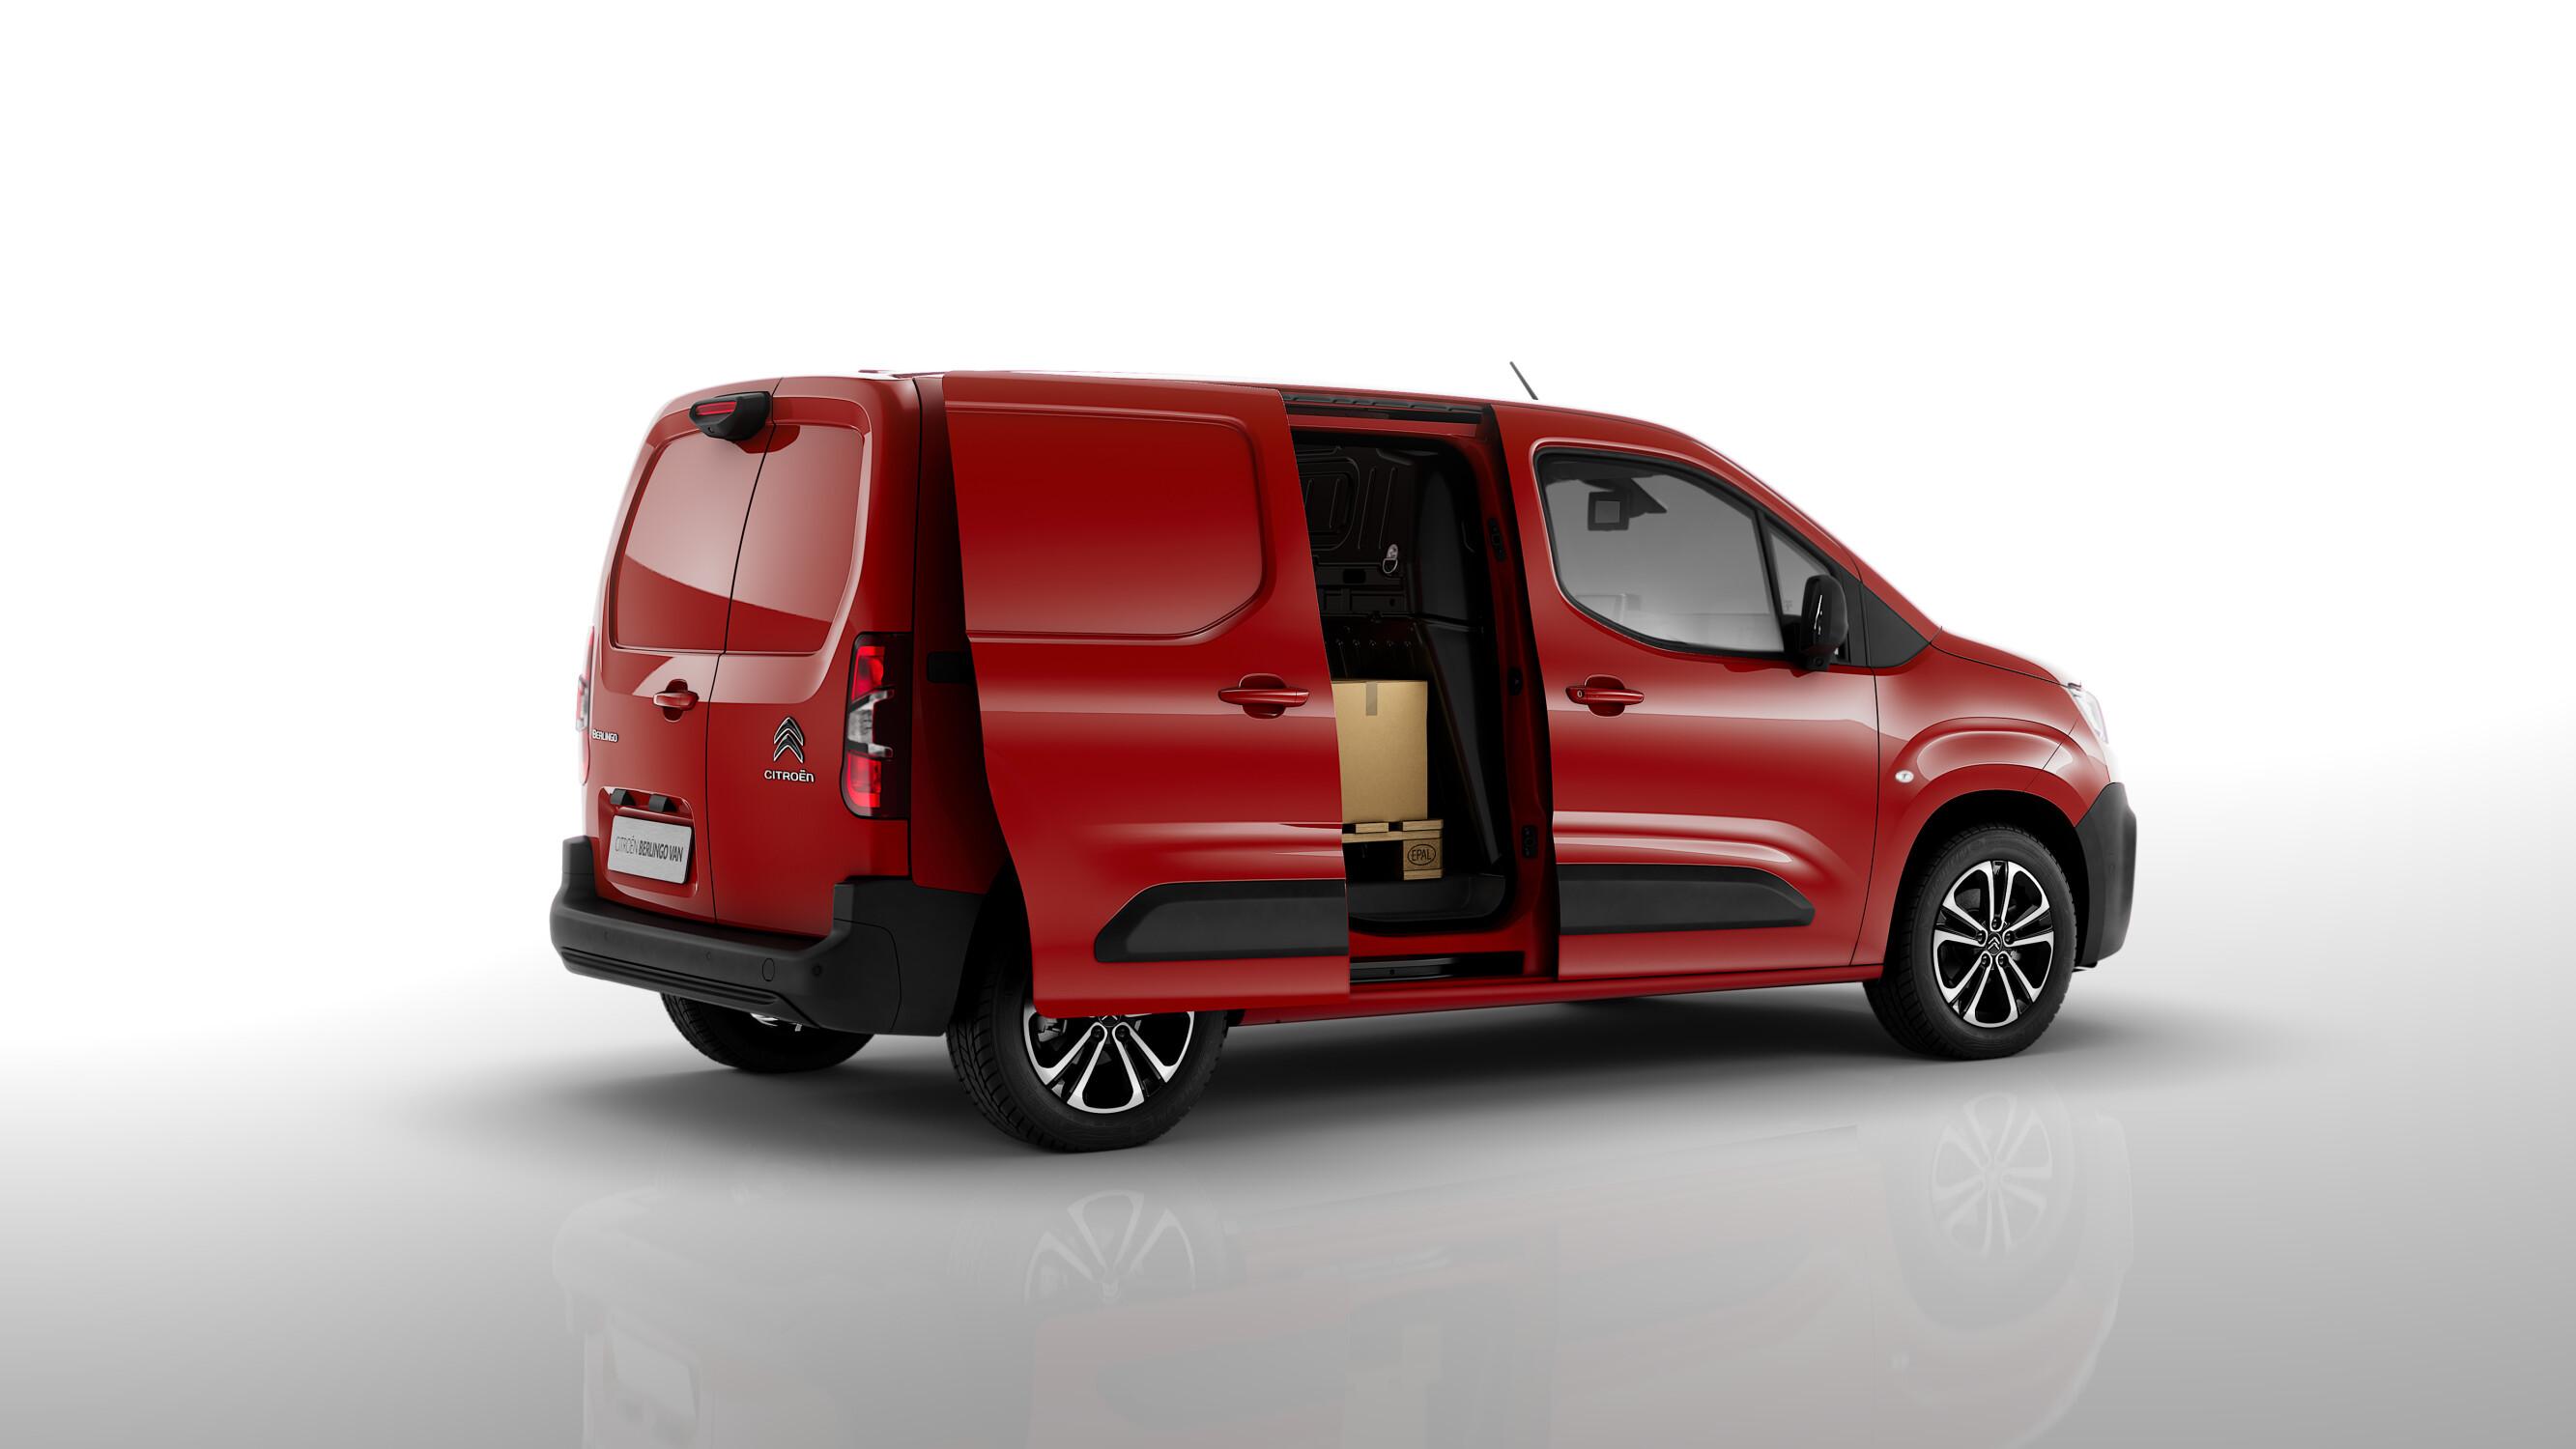 Novo Citroën Berlingo Furgão - 04